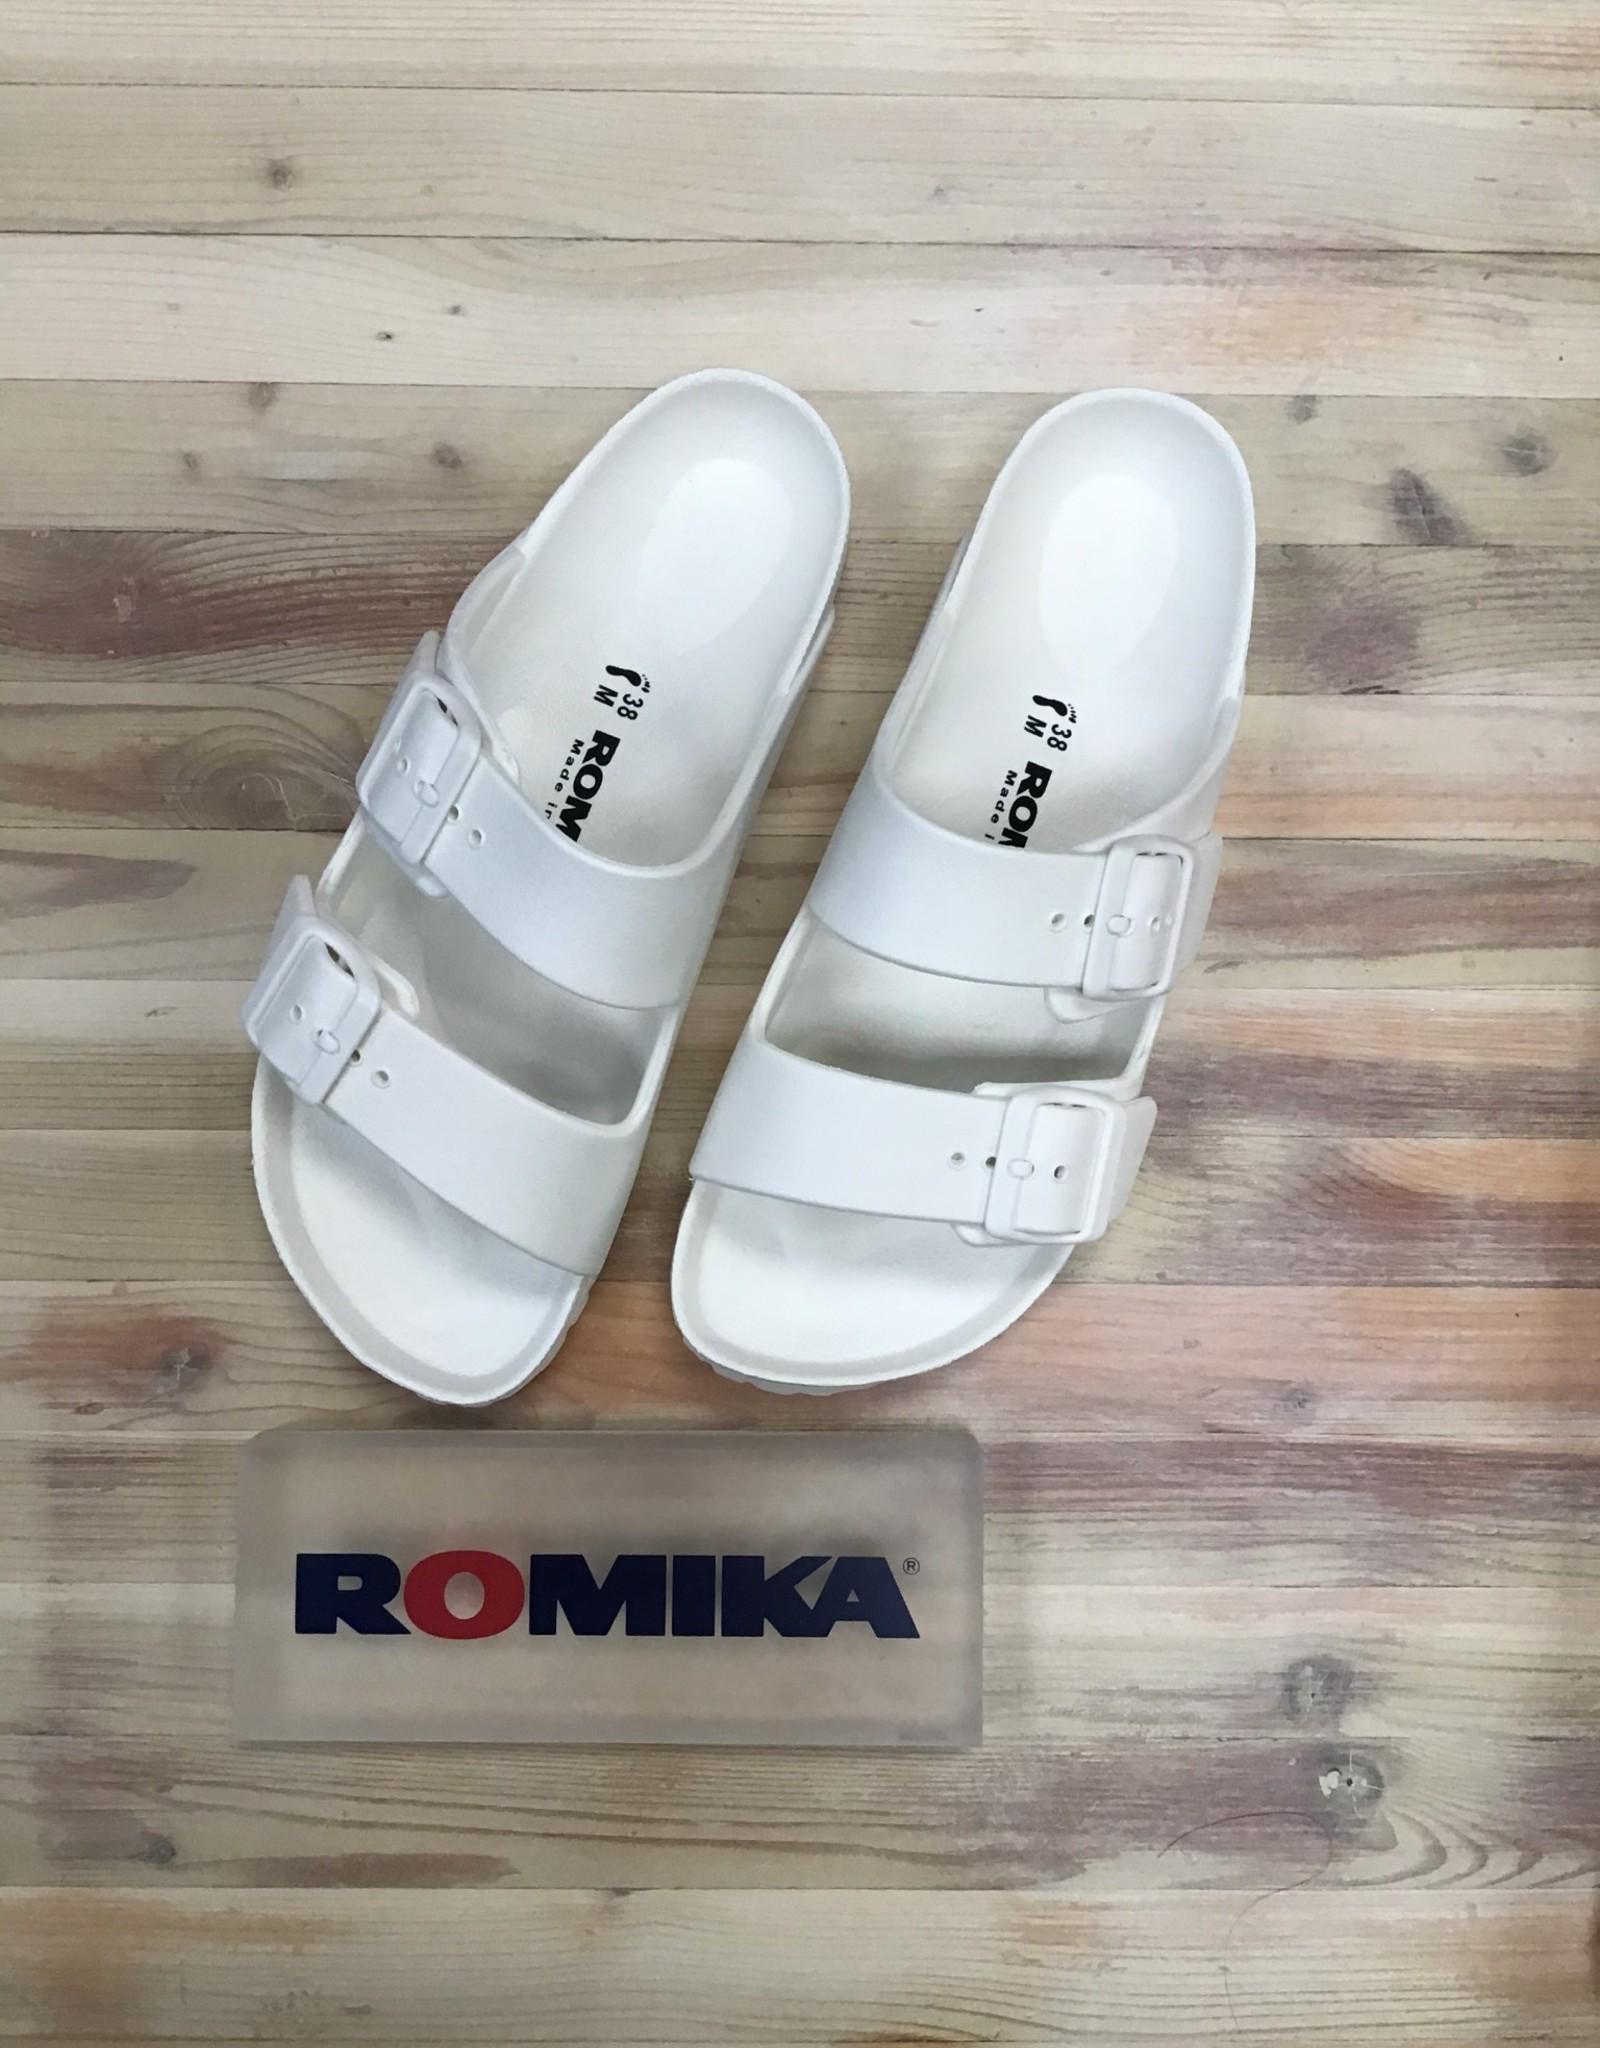 Romika Romika Roemer 10 Eva Unisex